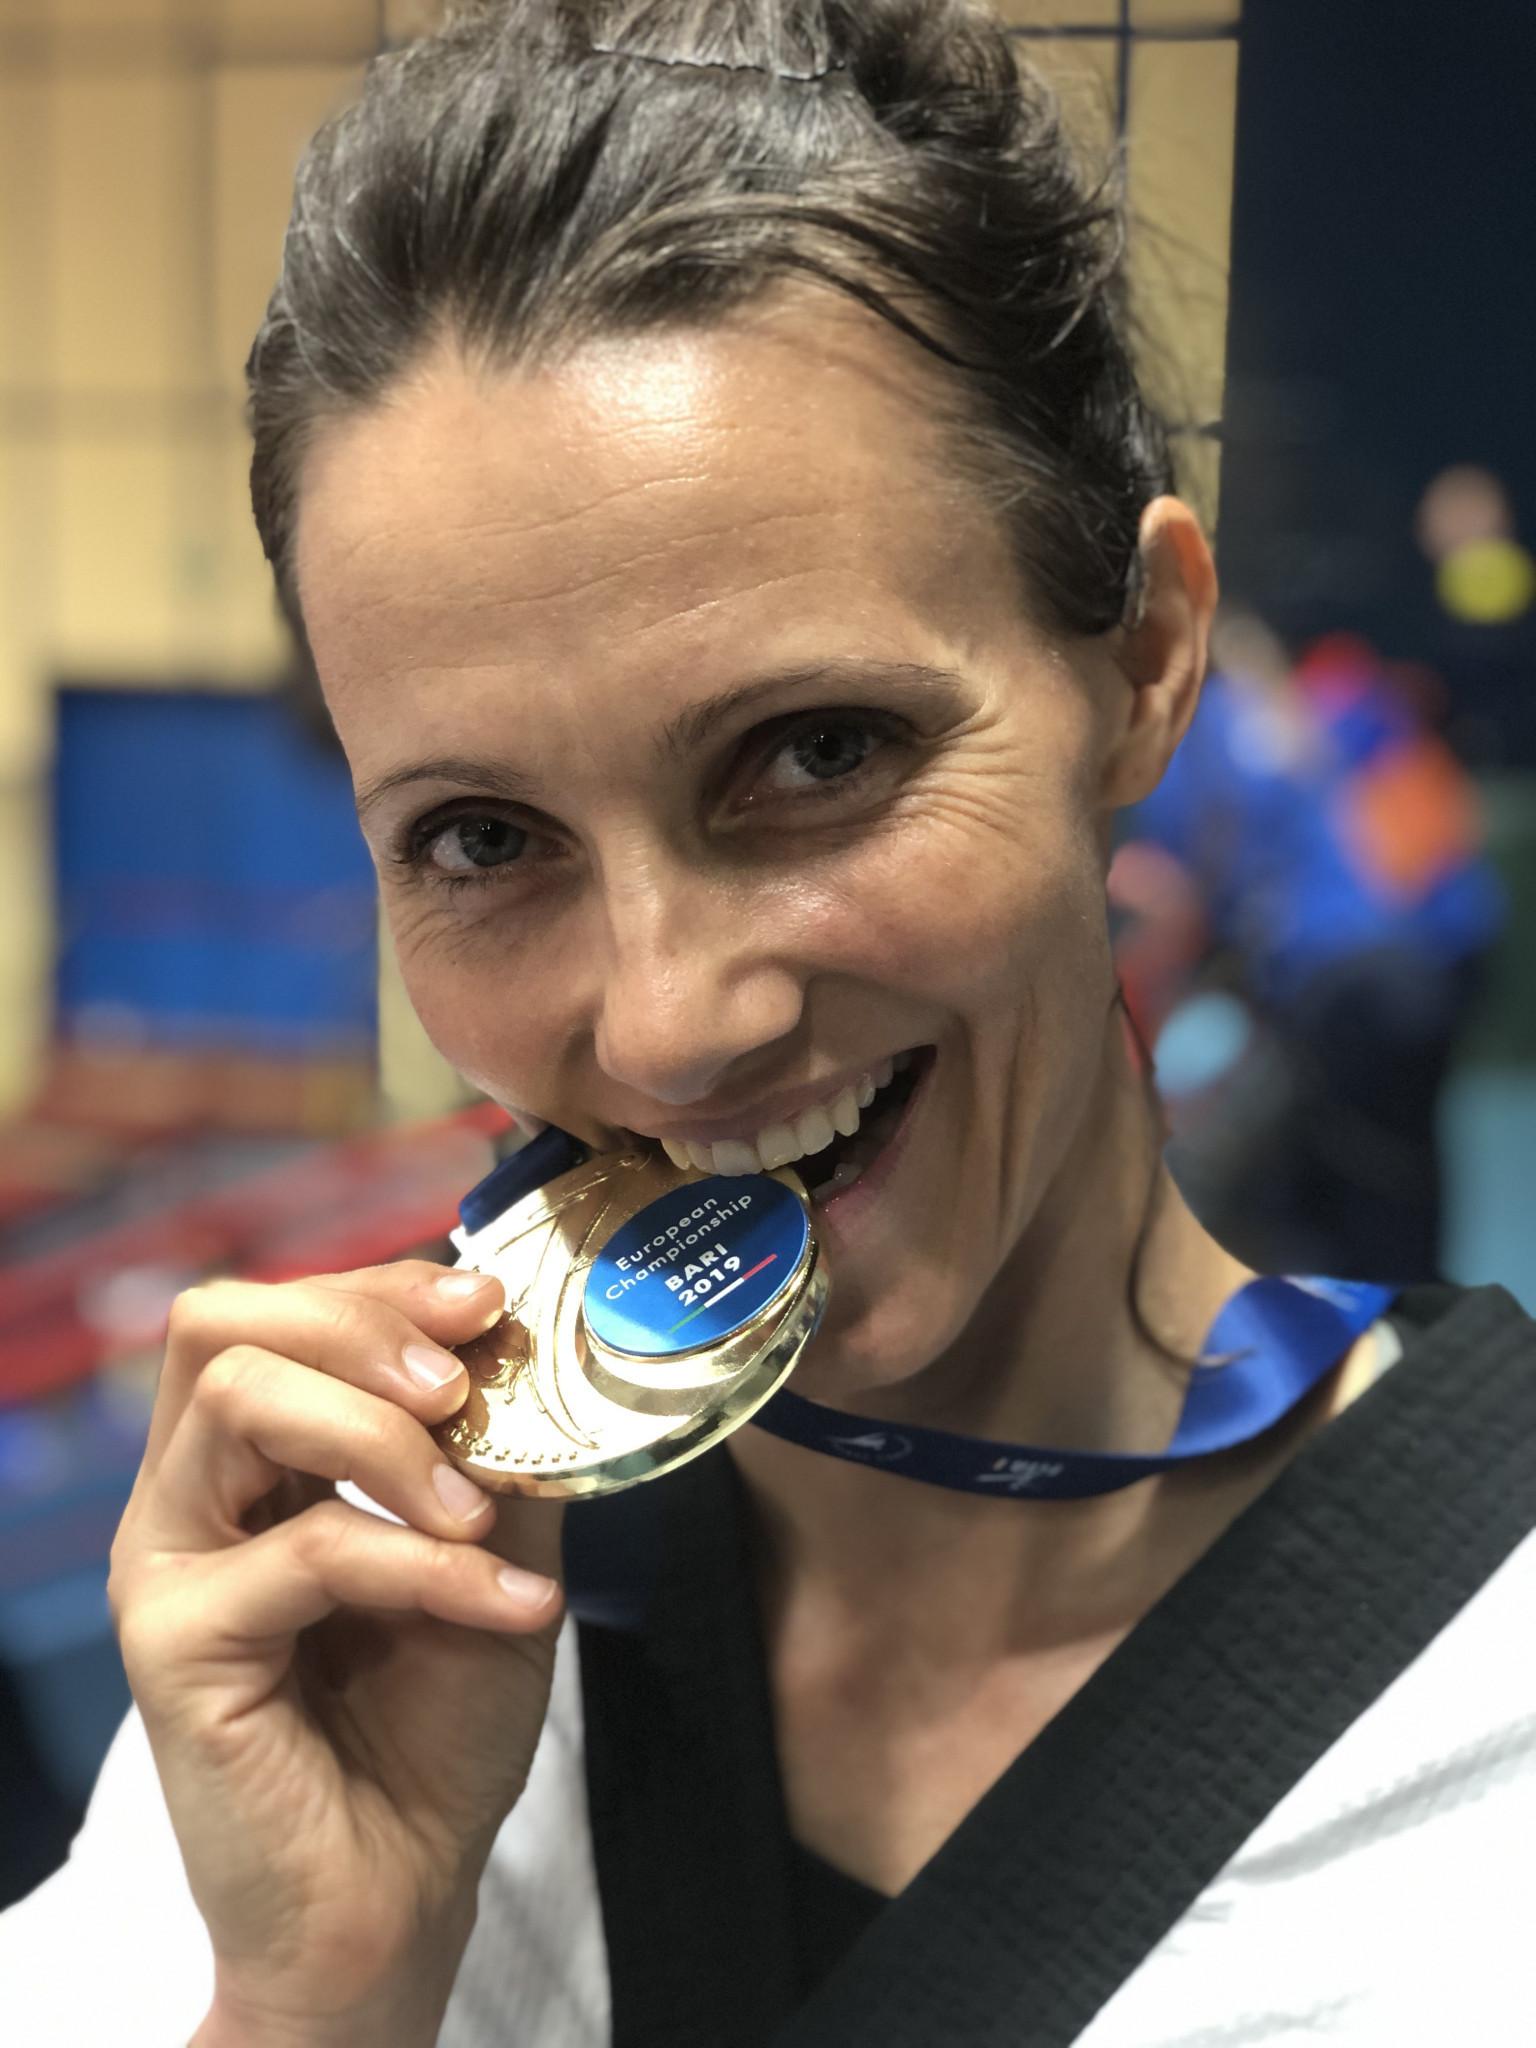 Para taekwondo player Lisa Kjær Gjessing is tipped to win a medal at this year's Tokyo 2020 Paralympic Games ©Danish Taekwondo Federation